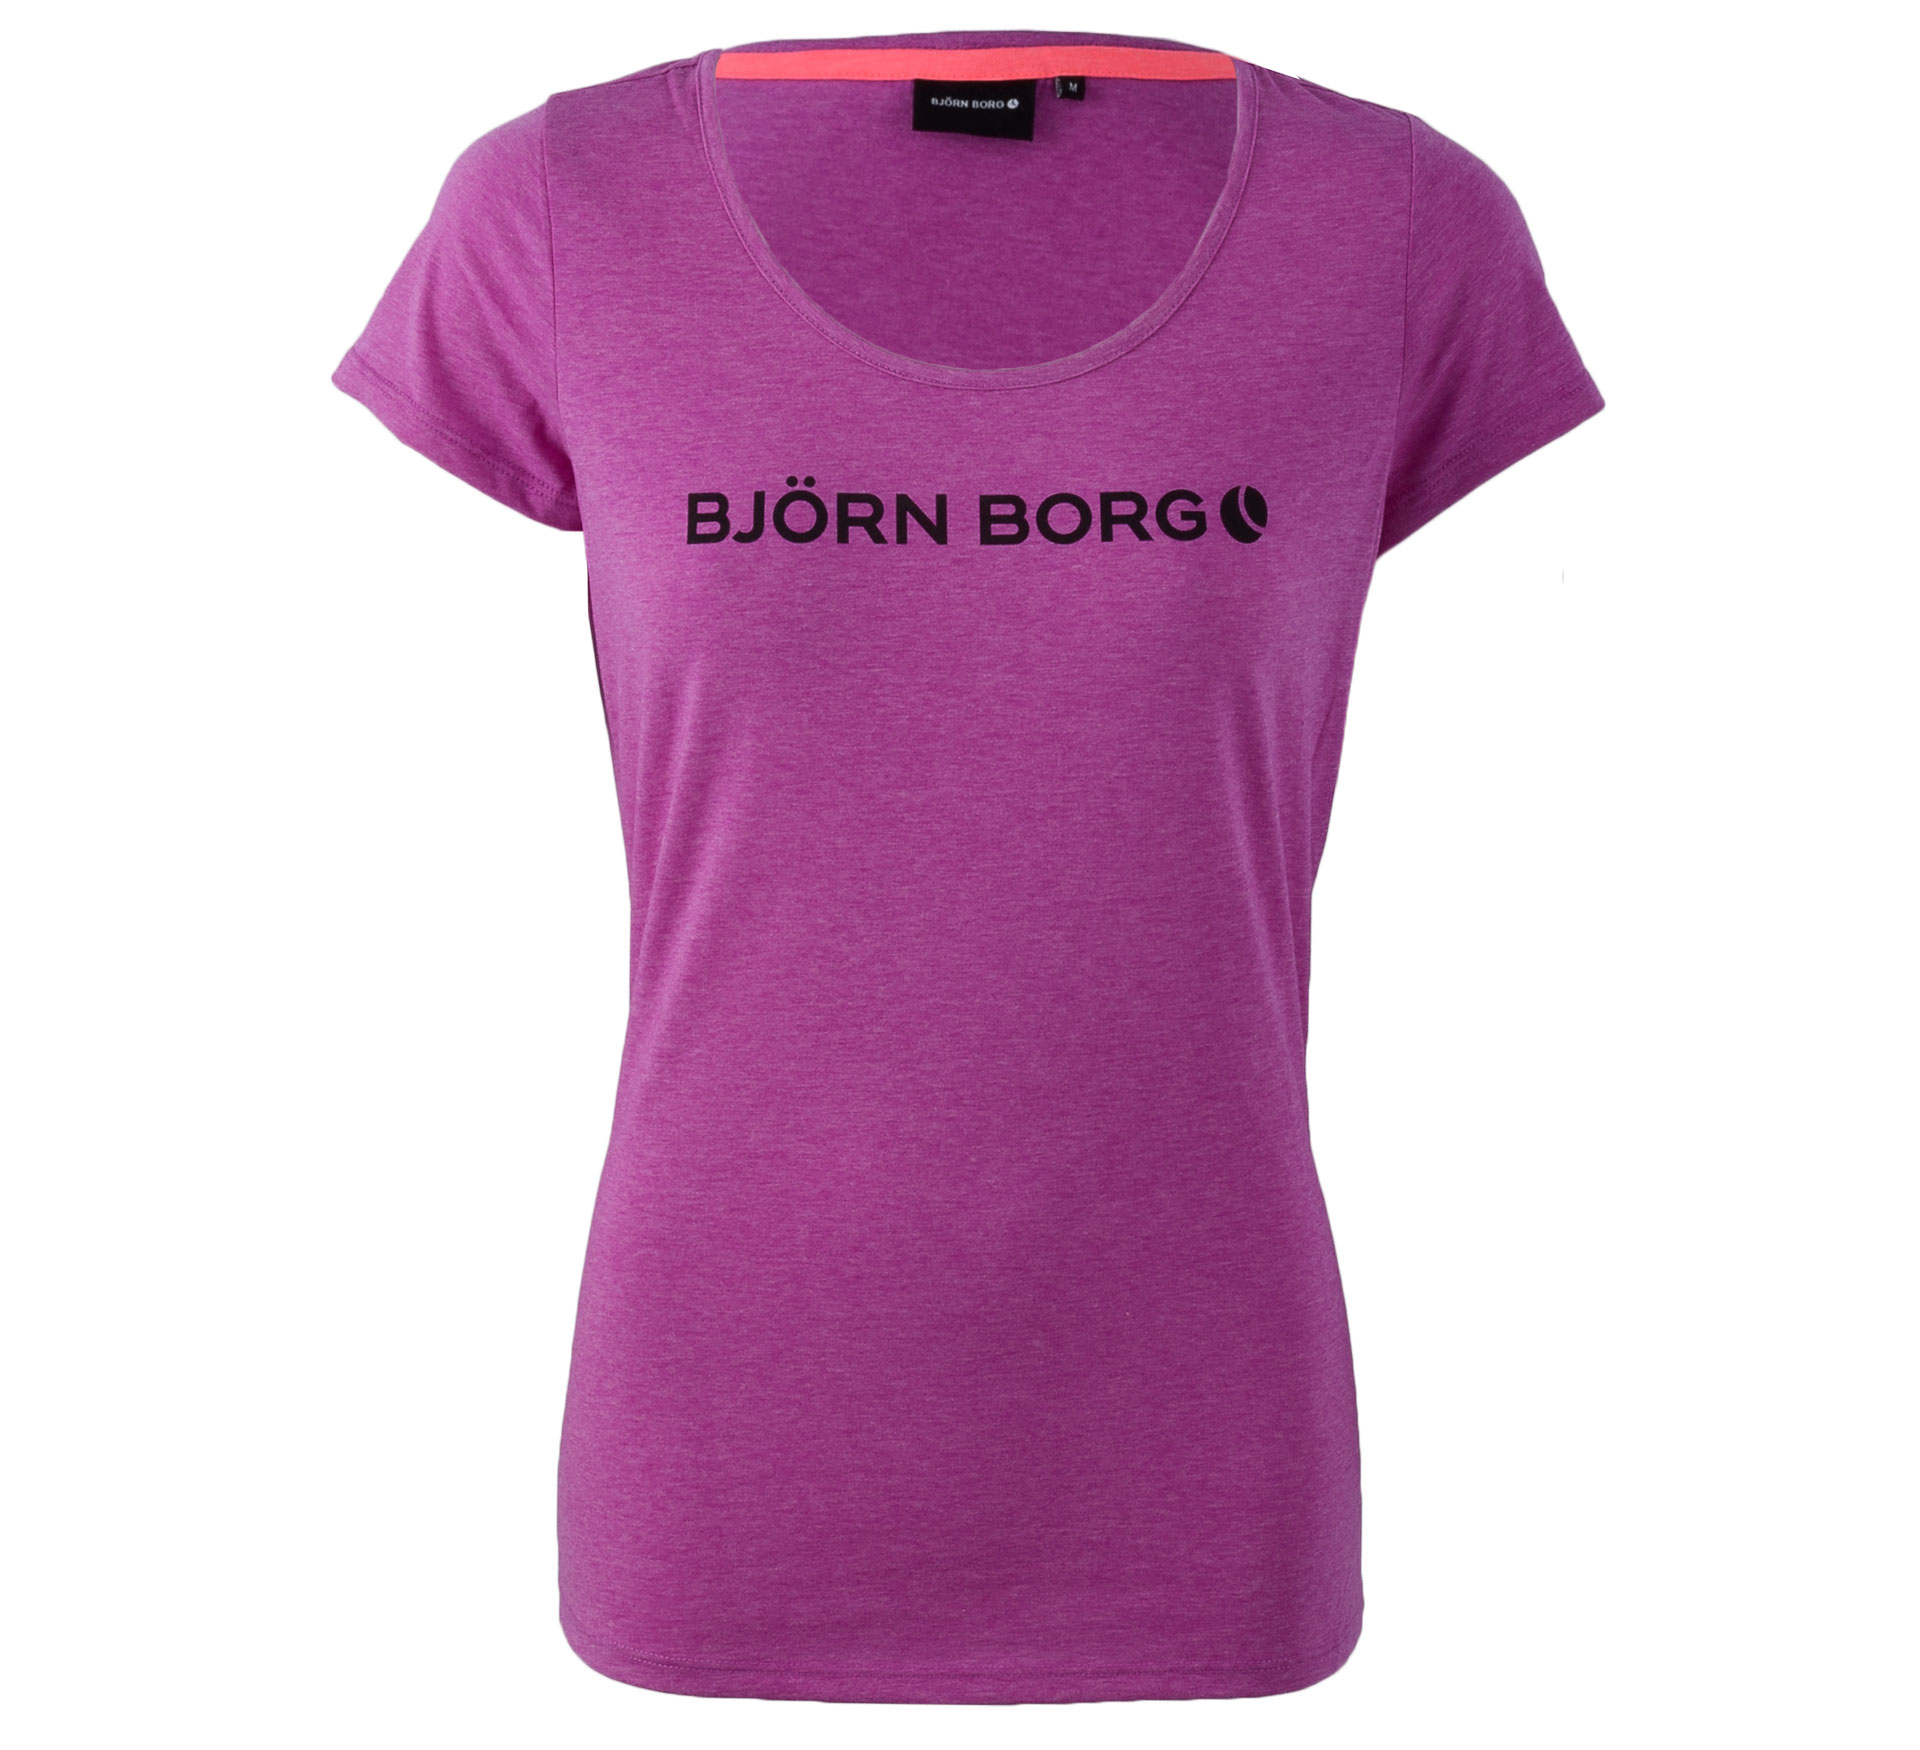 Bjorn Borg Björn Borg Sabea T-shirt Dames paars